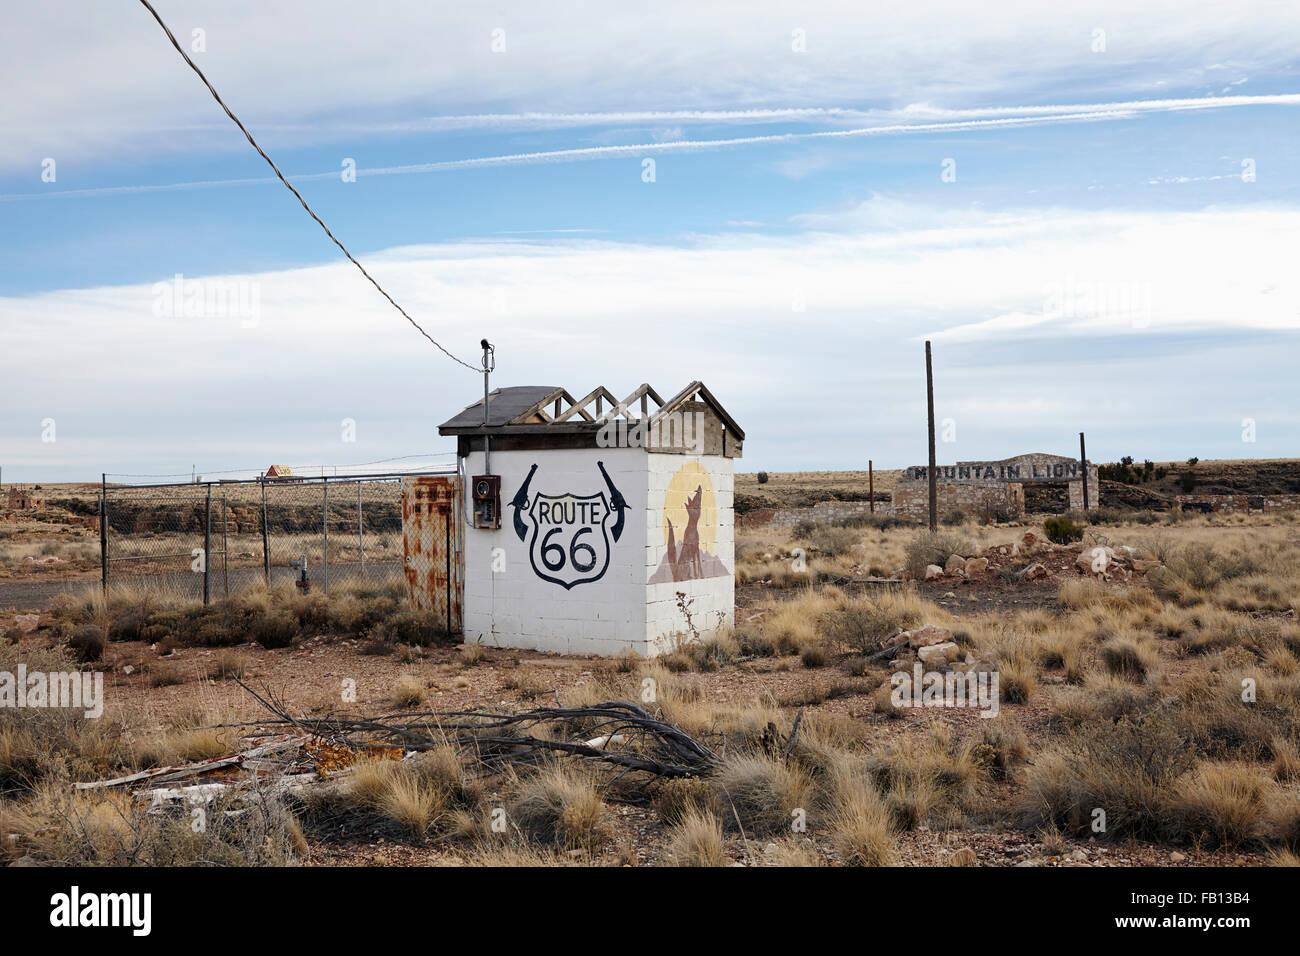 Verlassenen Bauwerke in Wüste Stockbild